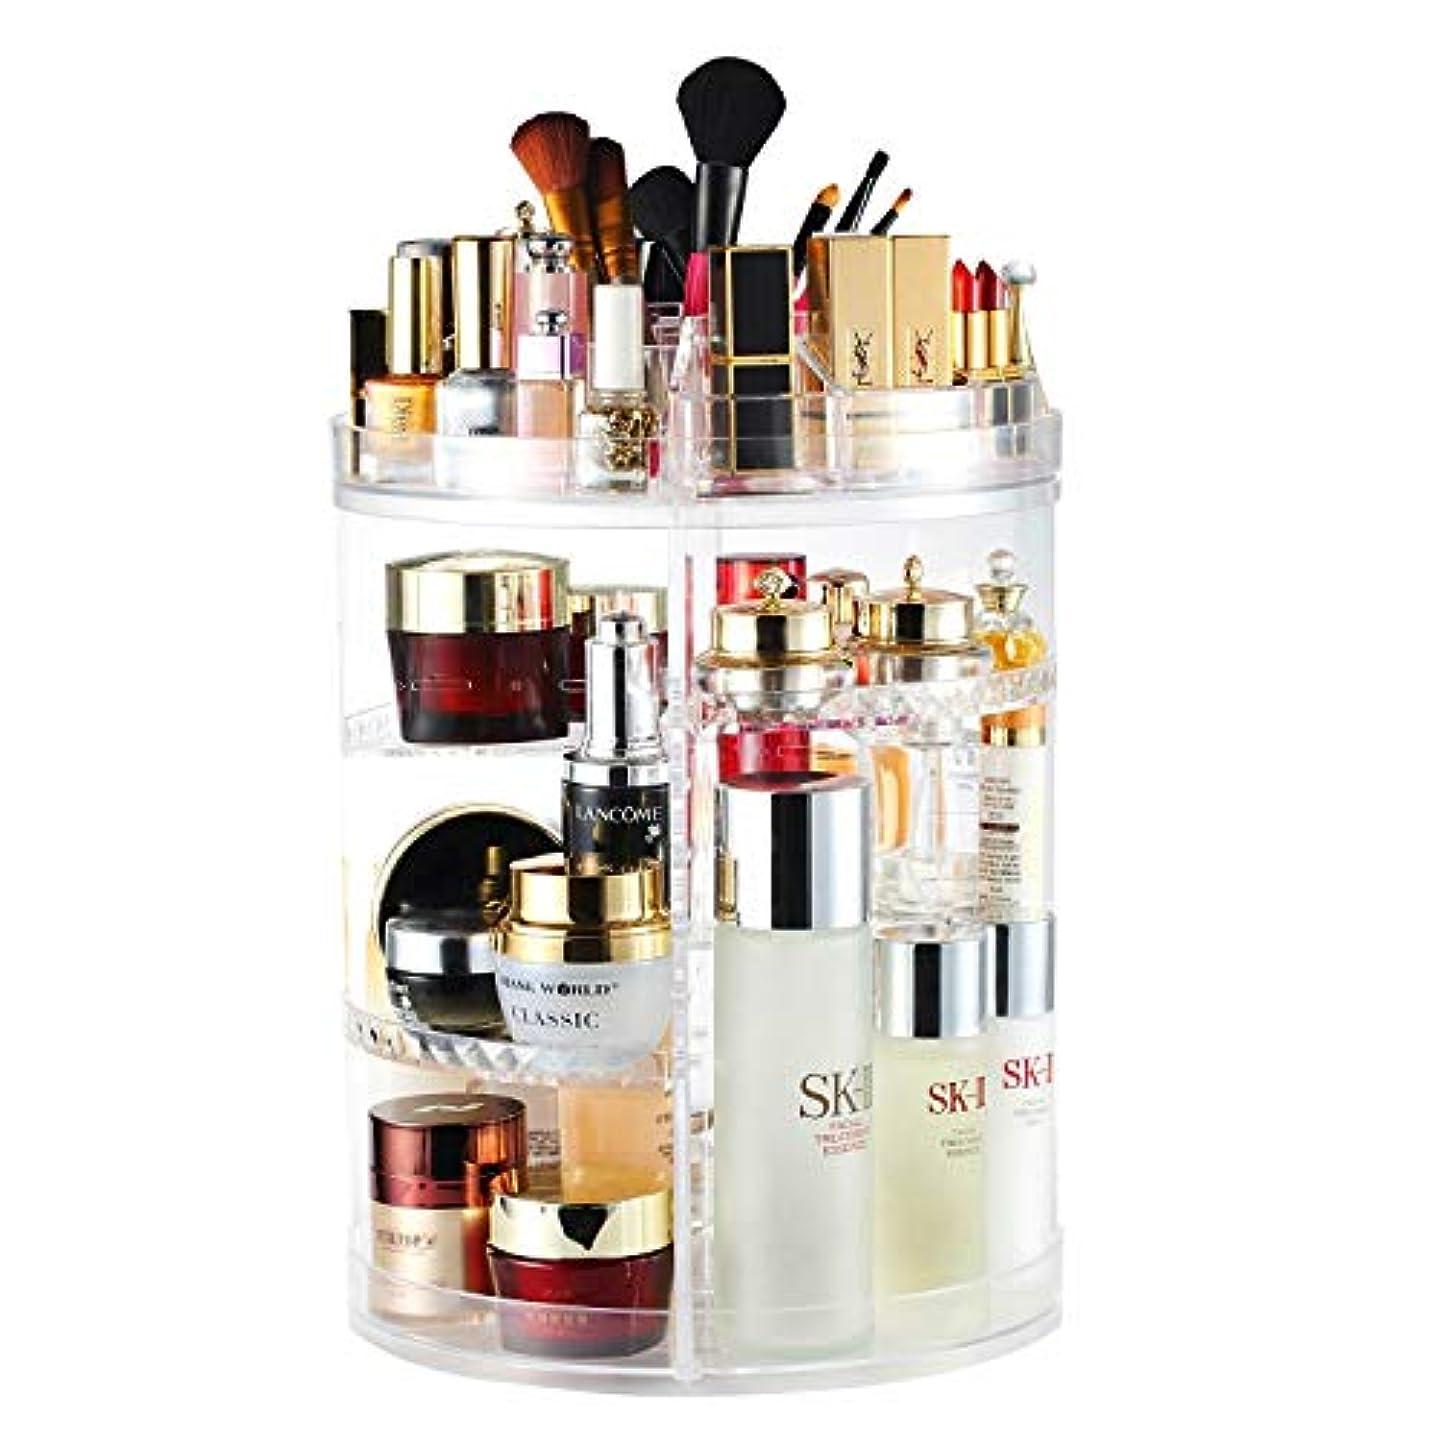 消化器分子未払い化粧品収納ボックス 大容量 AMEITECH 360度回転 コスメ収納ボックス 引き出し小物/化粧品入れ コスメ収納スタンド レディース メイクケース 透明